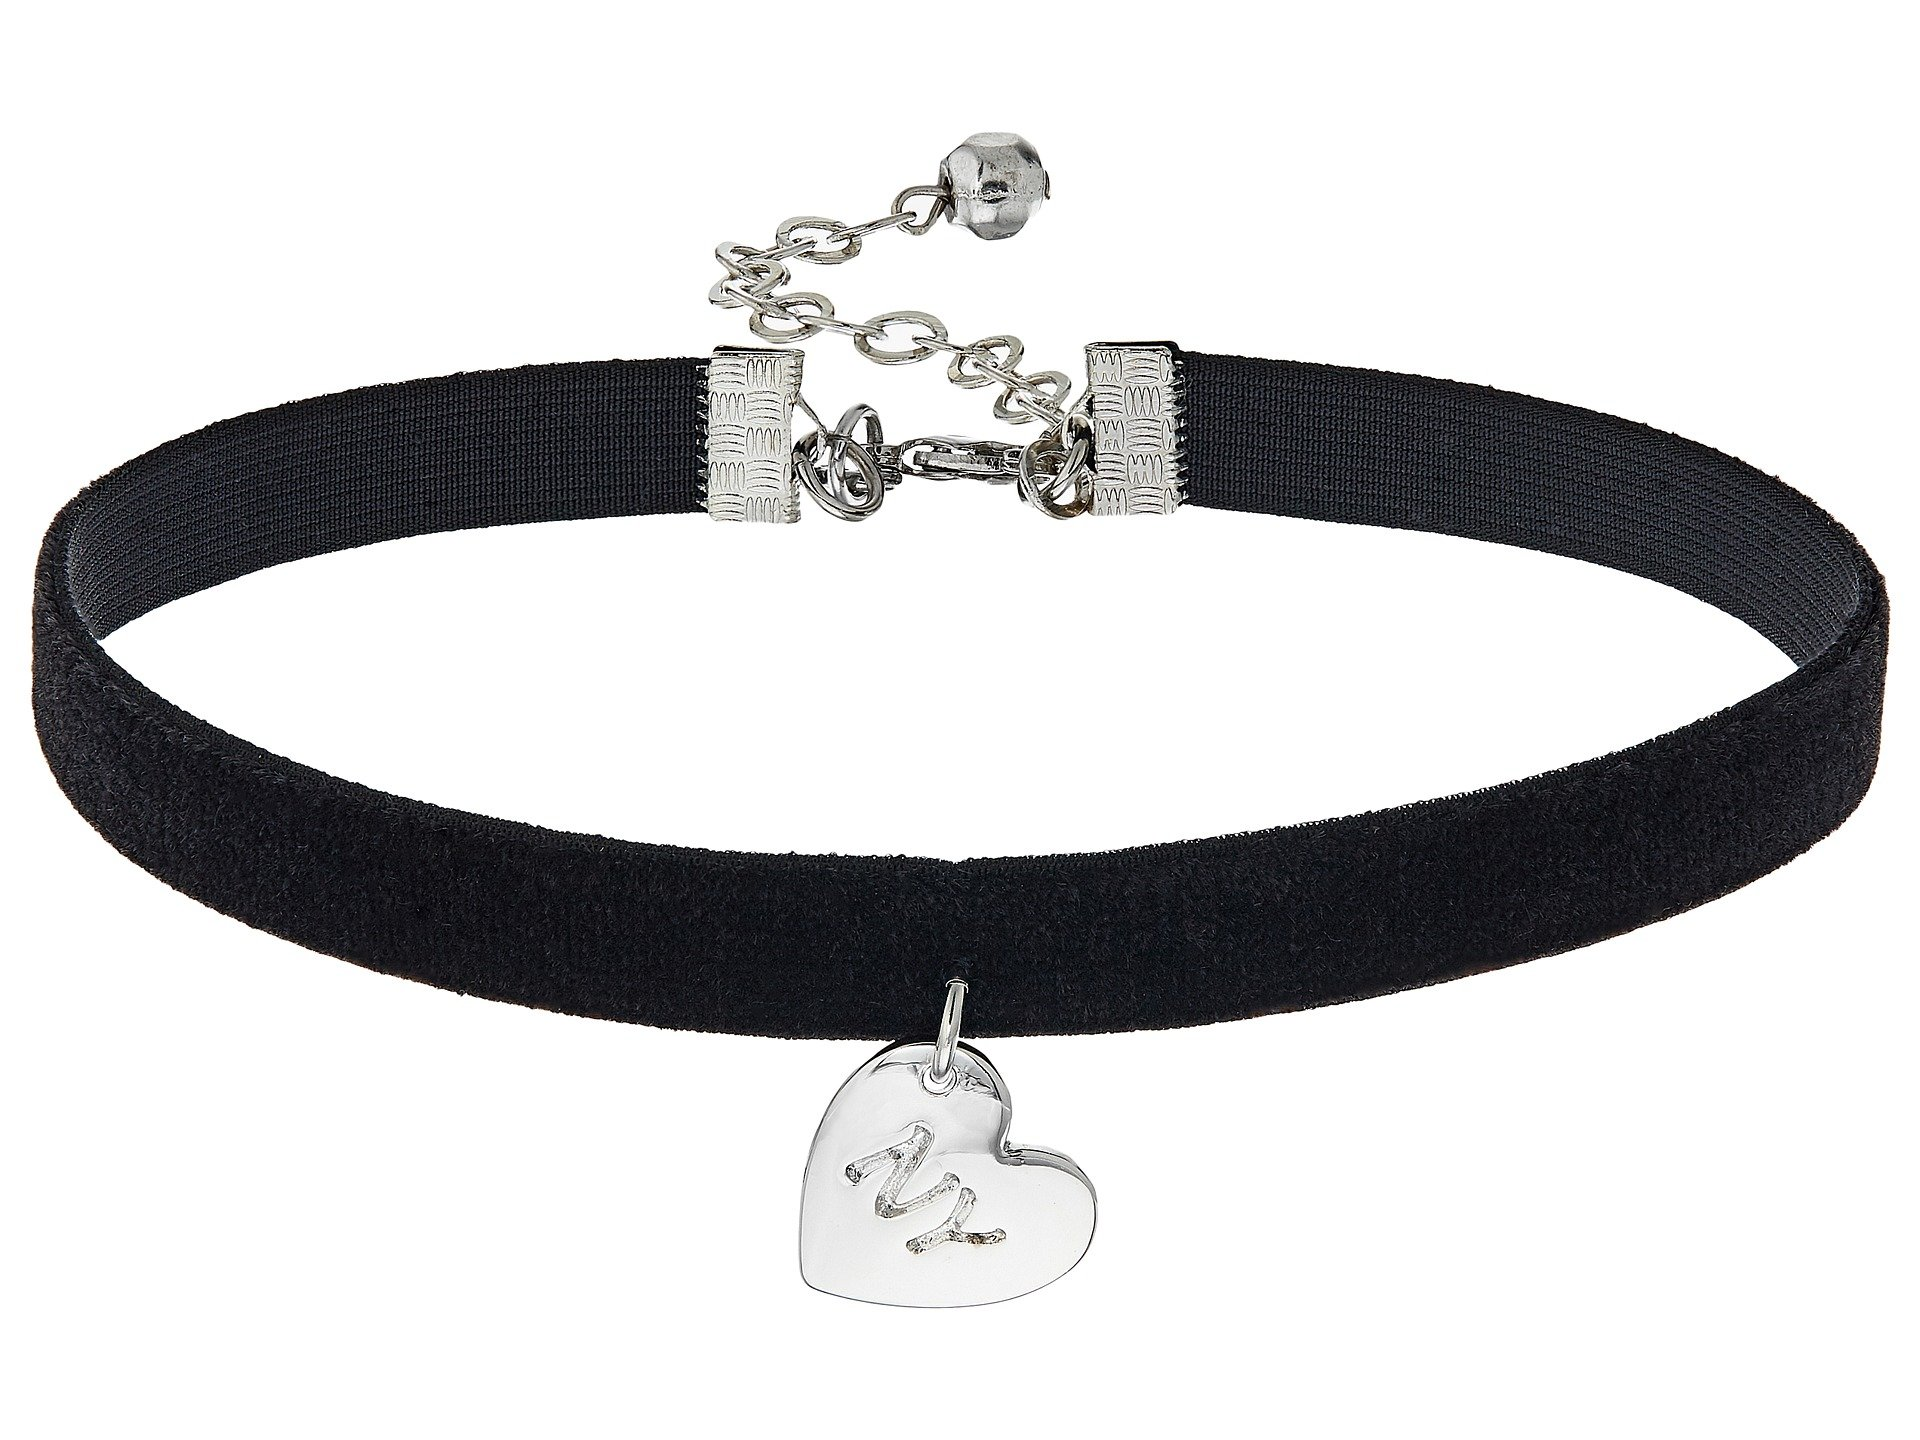 The NY Choker Necklace